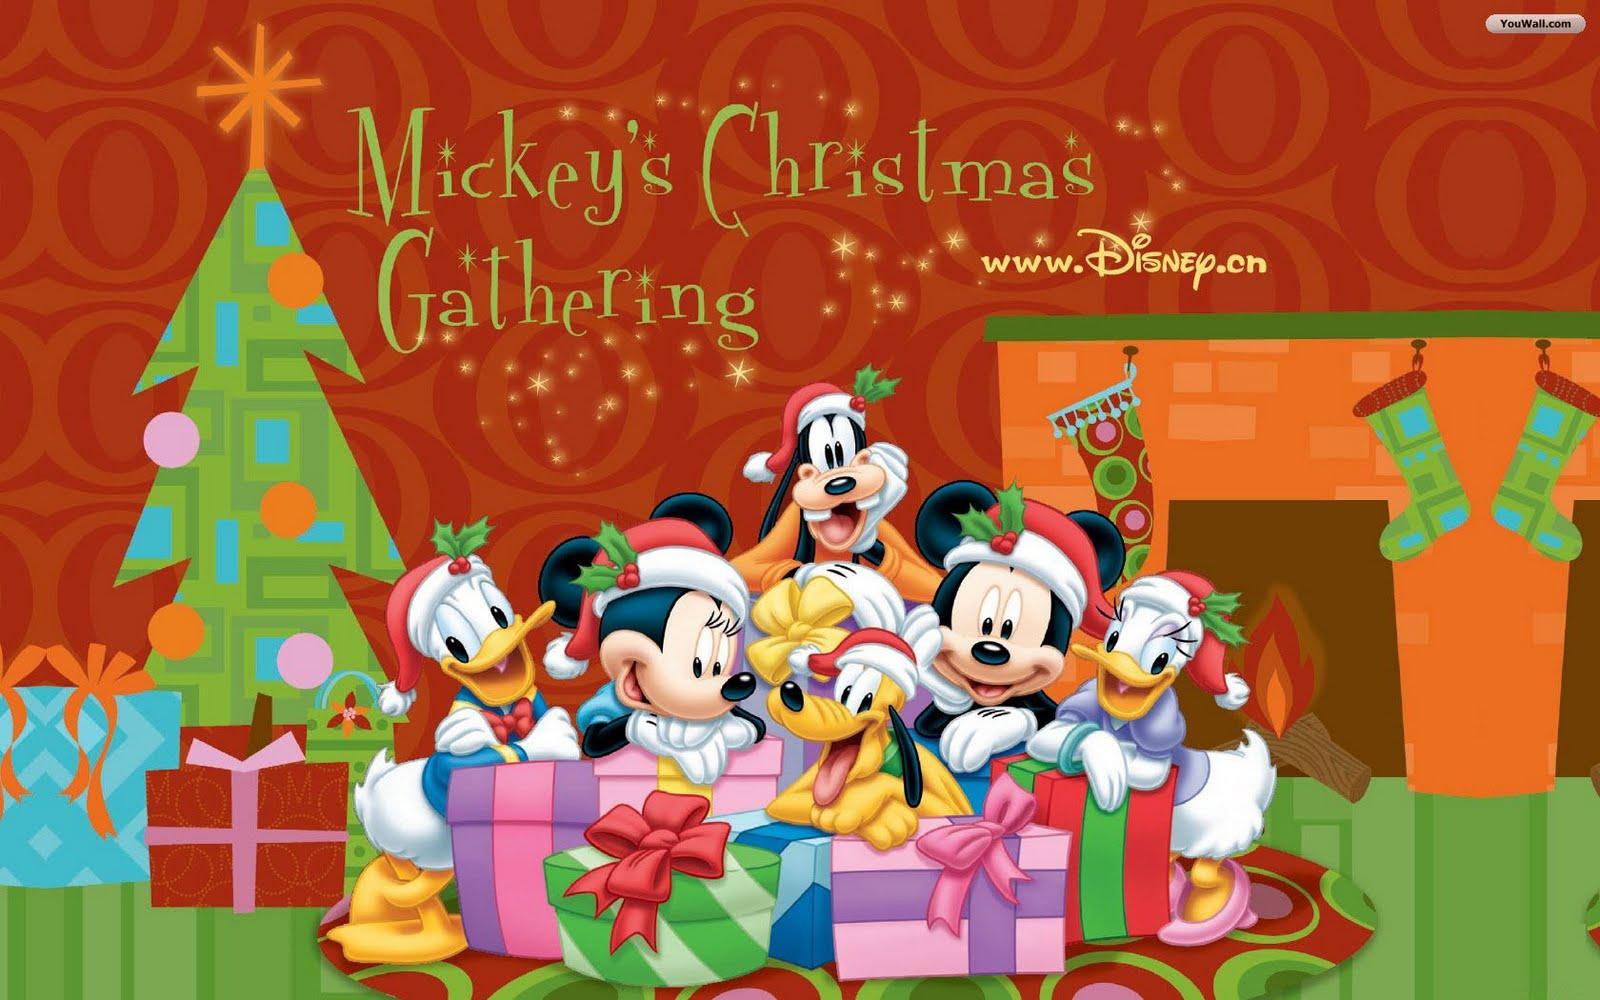 ... Christmas: 5 adorable Disney Christmas wallpapers for your computer